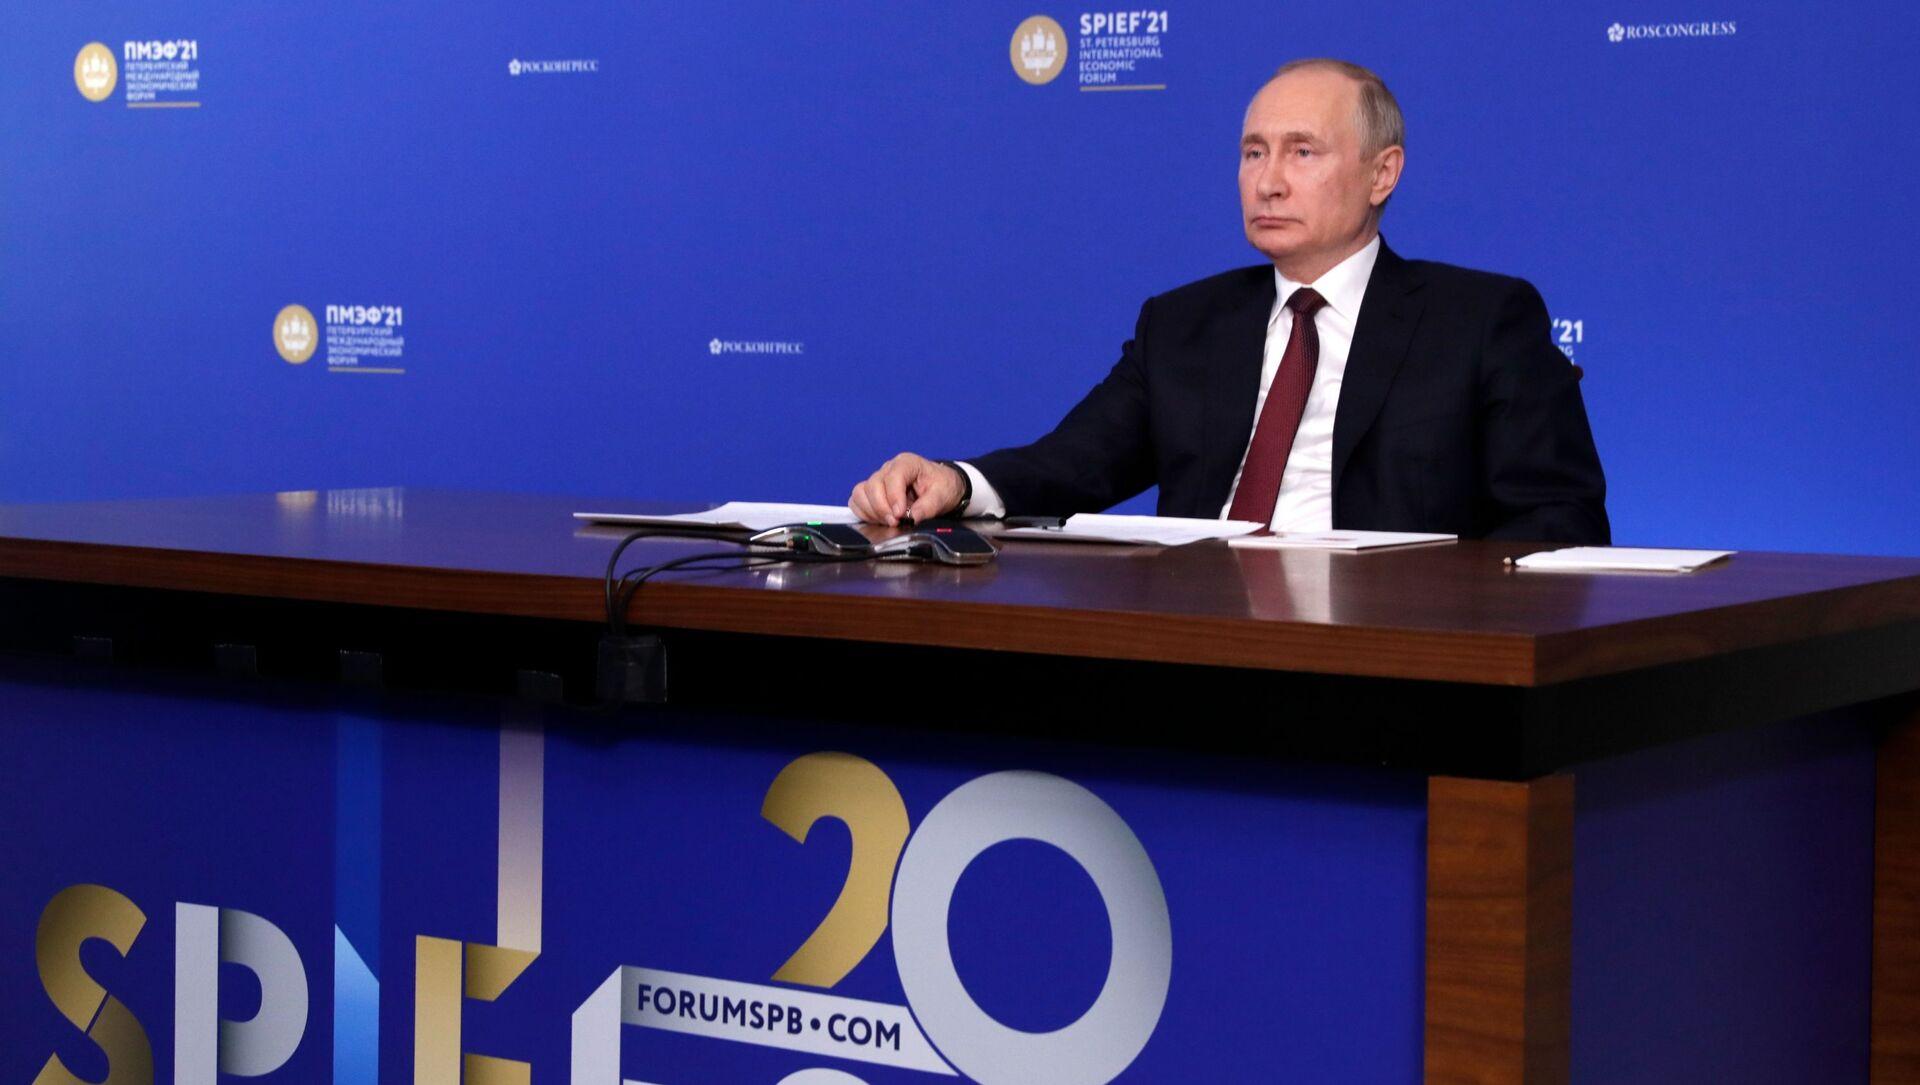 Tổng thống Nga Vladimir Putin tại Diễn đàn Kinh tế Quốc tế St. Petersburg - 2021. - Sputnik Việt Nam, 1920, 05.06.2021